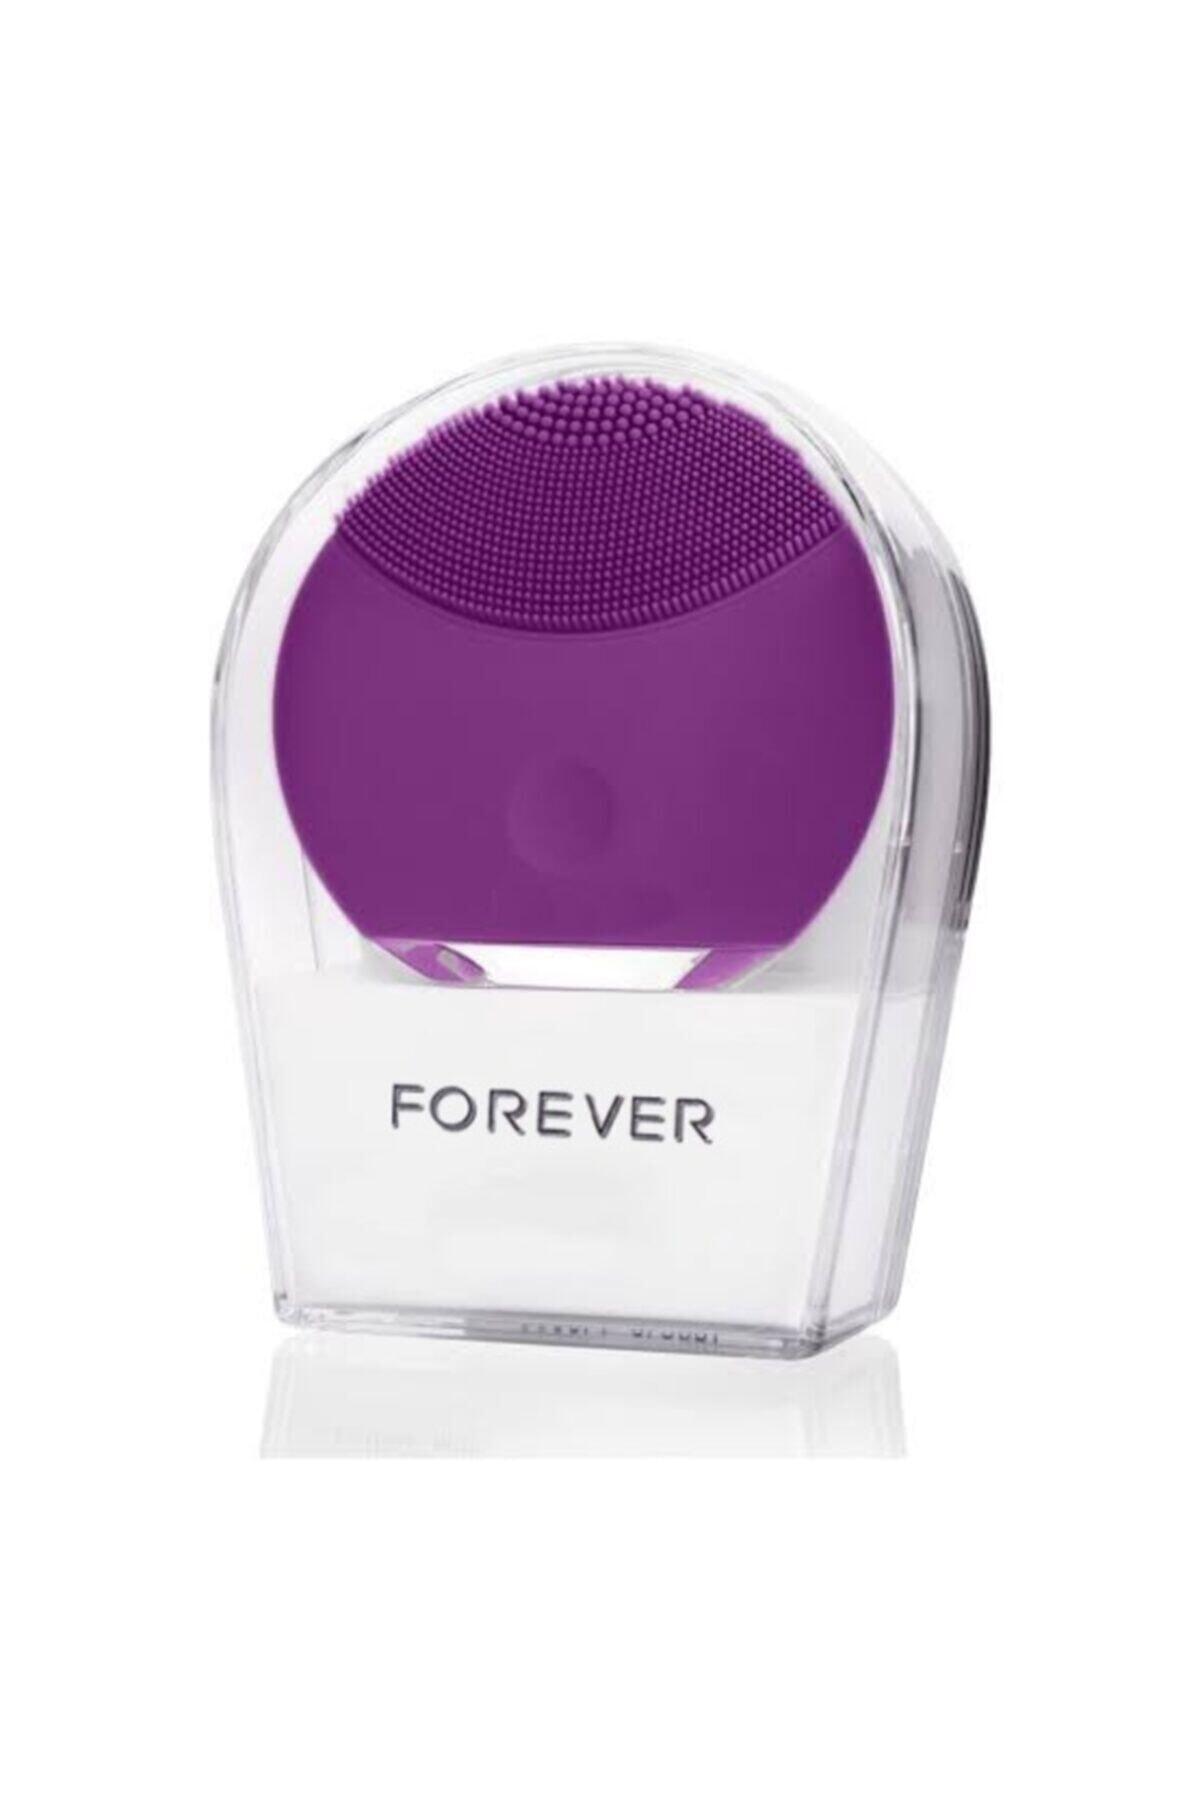 Forever Lına Mini 2 Pearlpink Cilt Temizleme Cihazı Ve Masaj Aleti